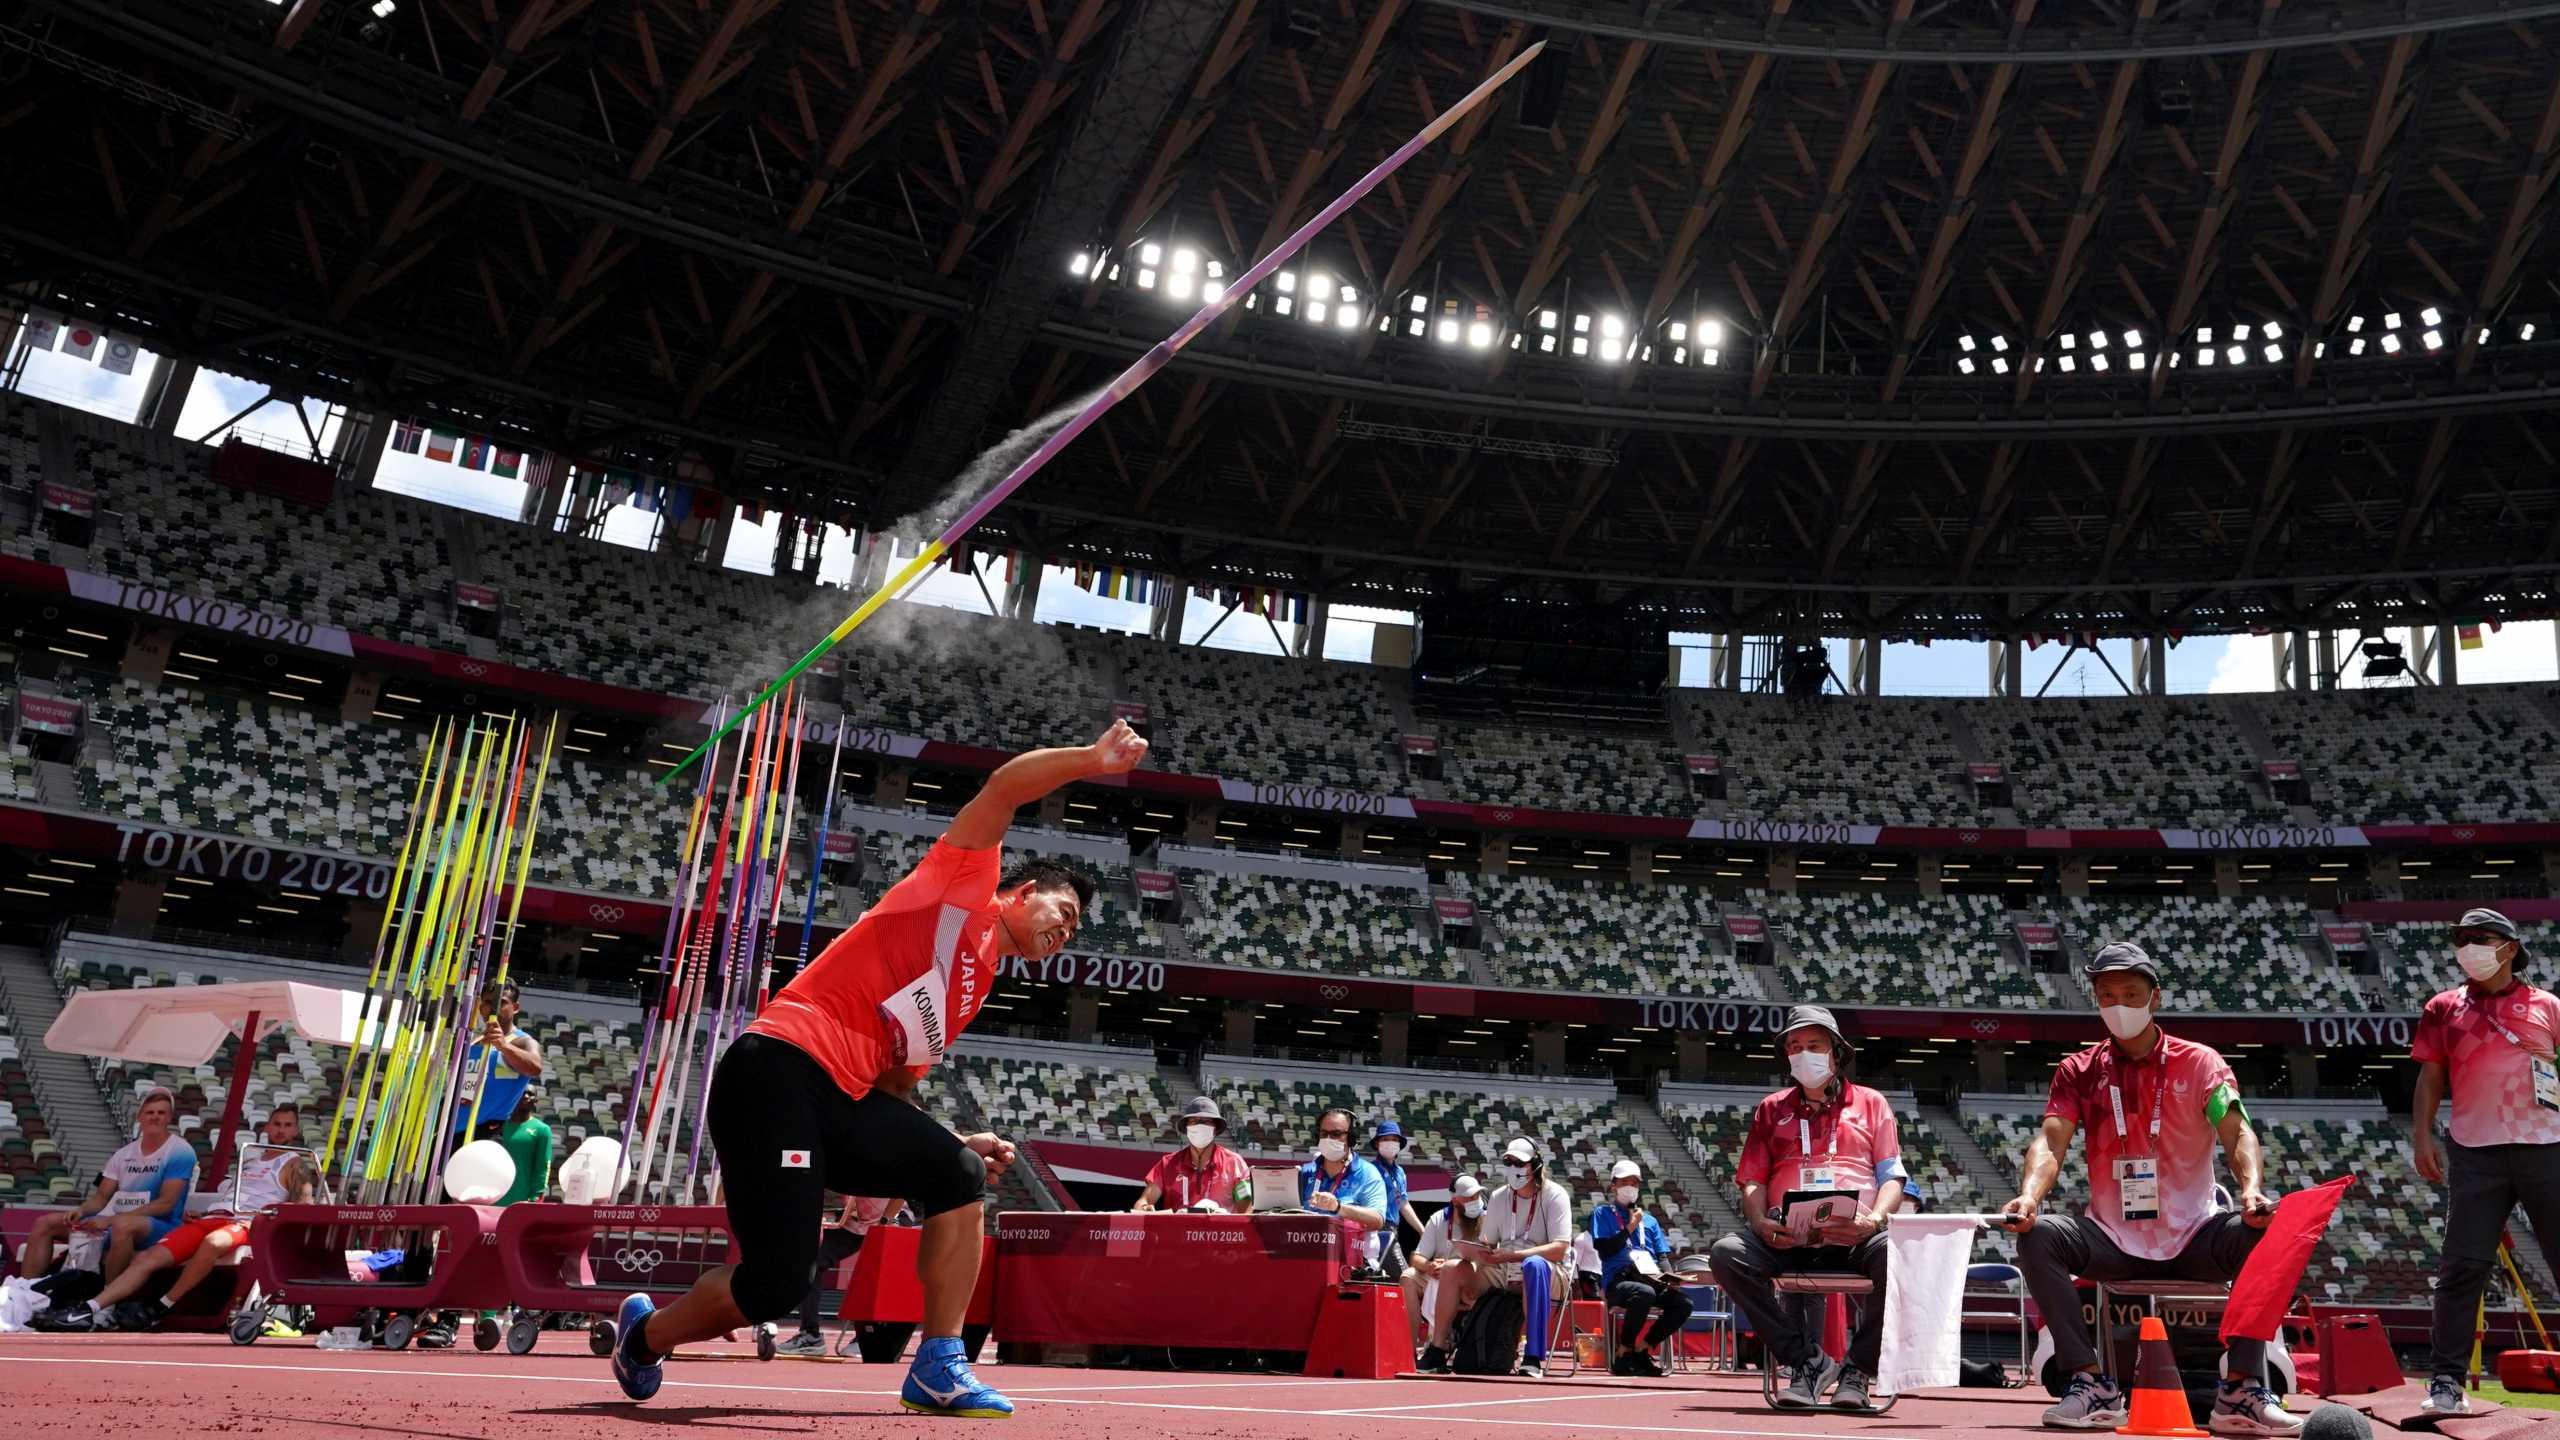 Ολυμπιακοί Αγώνες: Εκπλήξεις στον ακοντισμό των ανδρών – Εκτός τελικού «μεγάλα» ονόματα